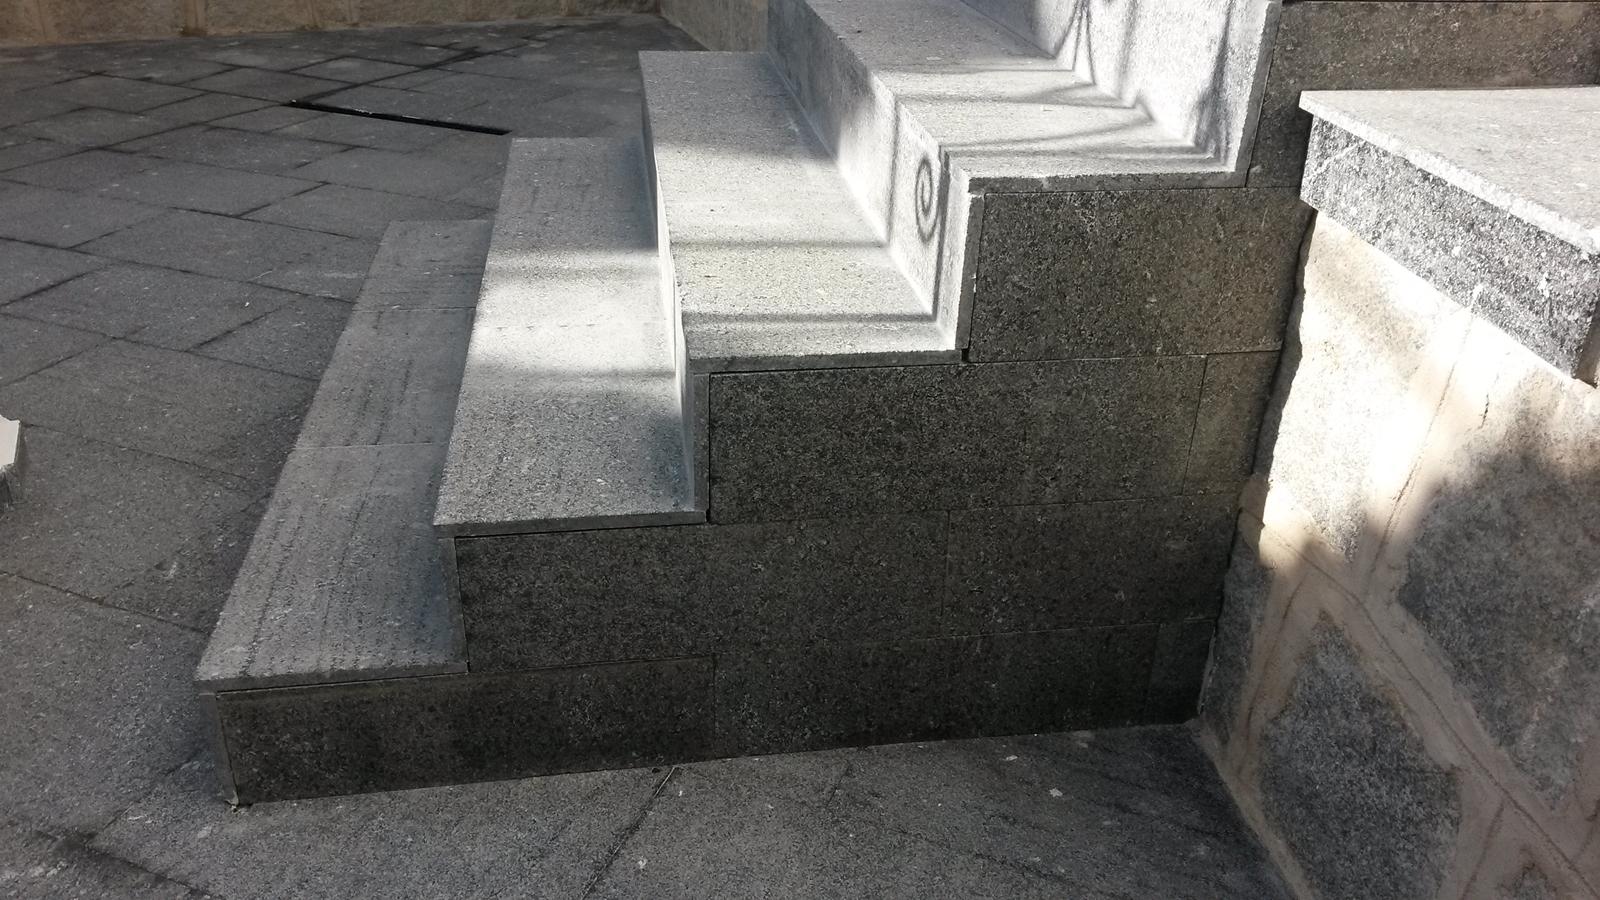 Granitos romero trabajos realizados - Adoquines de granito ...